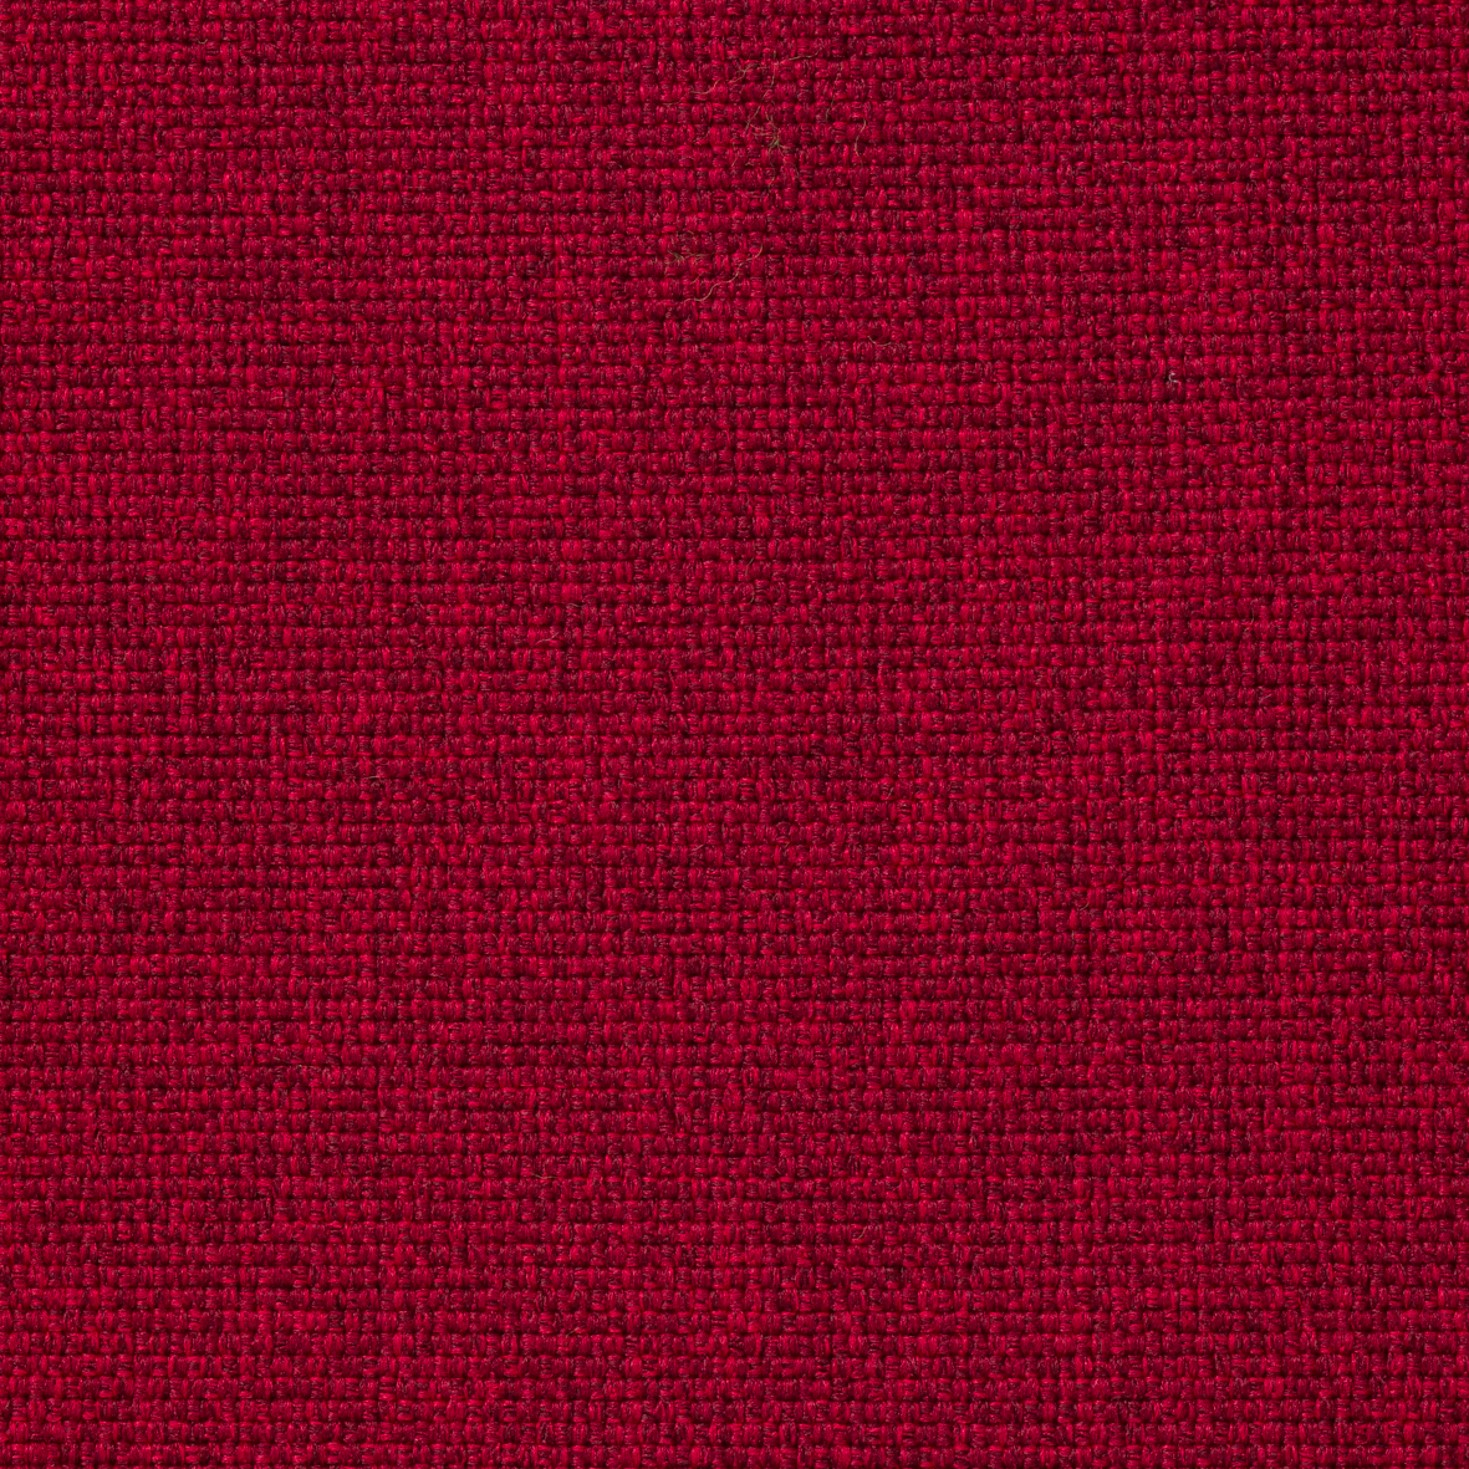 Medley Cherry Red 64123